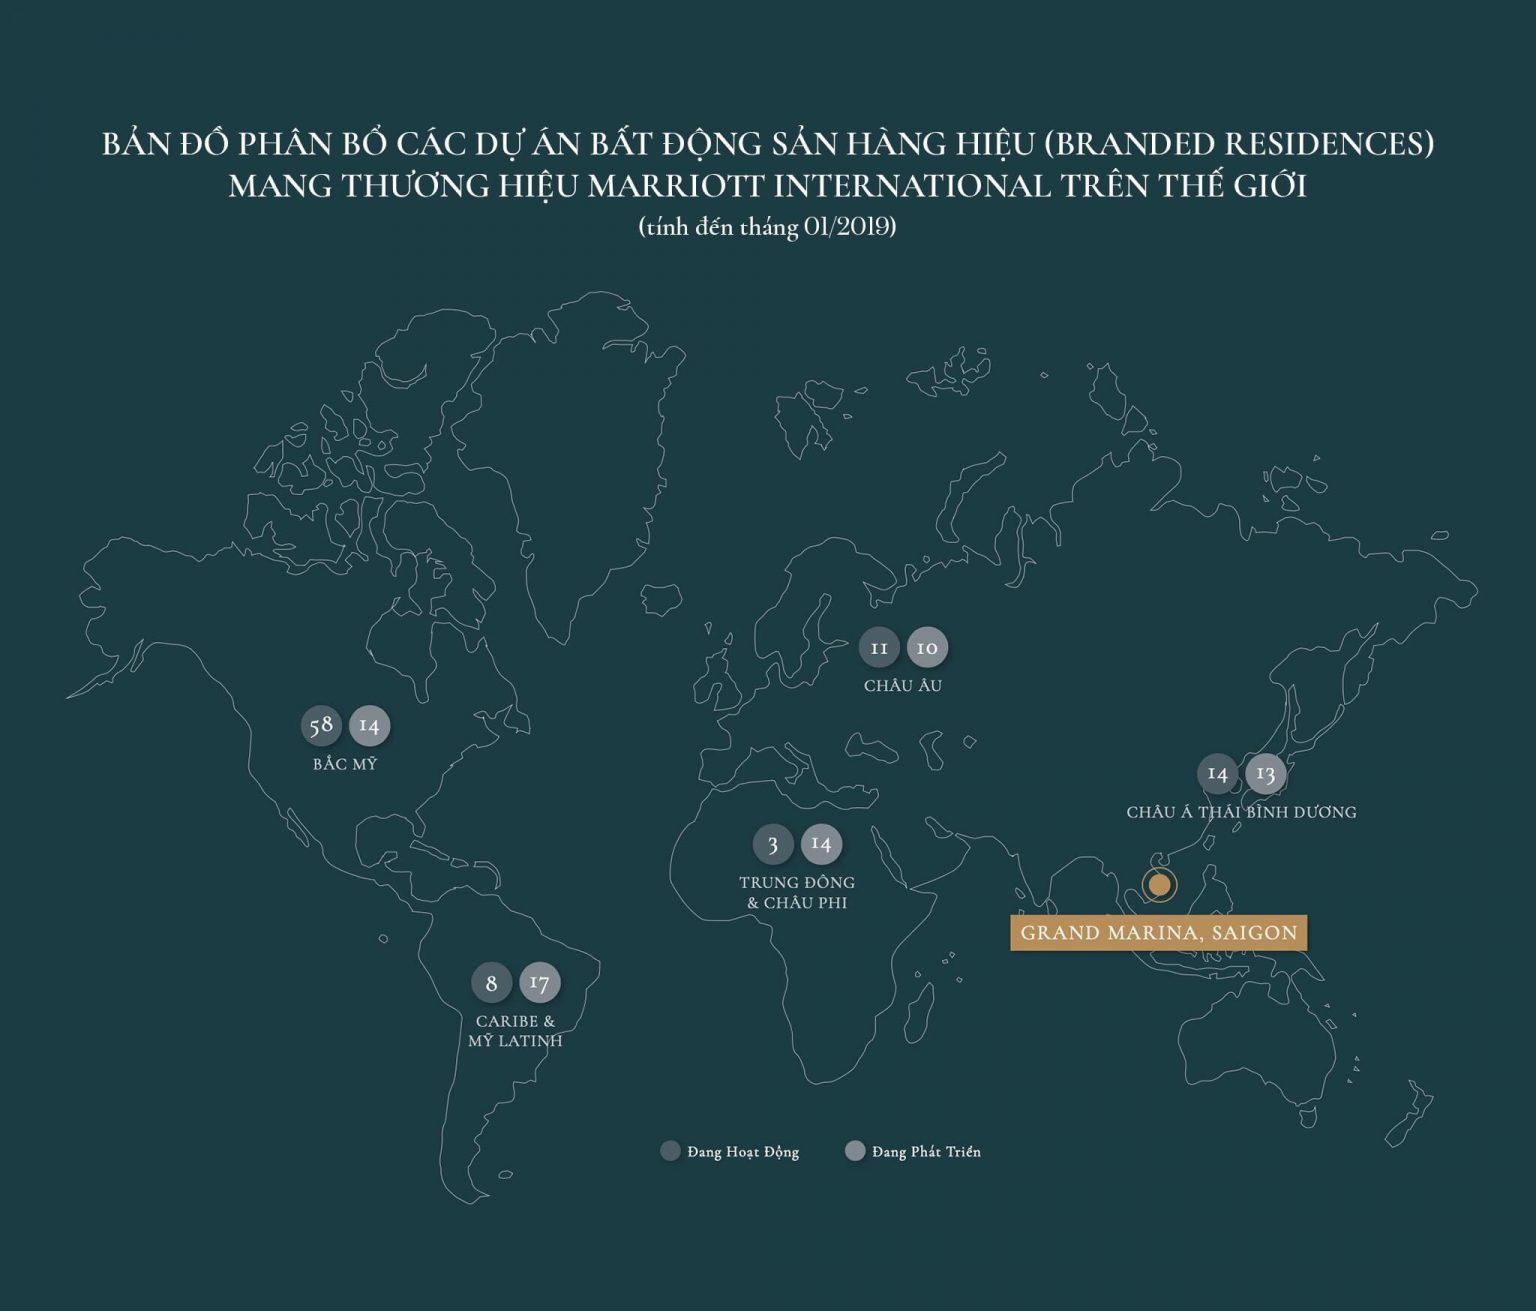 Các dự án Khu dân cư thương hiệu Marriott trên thế giới